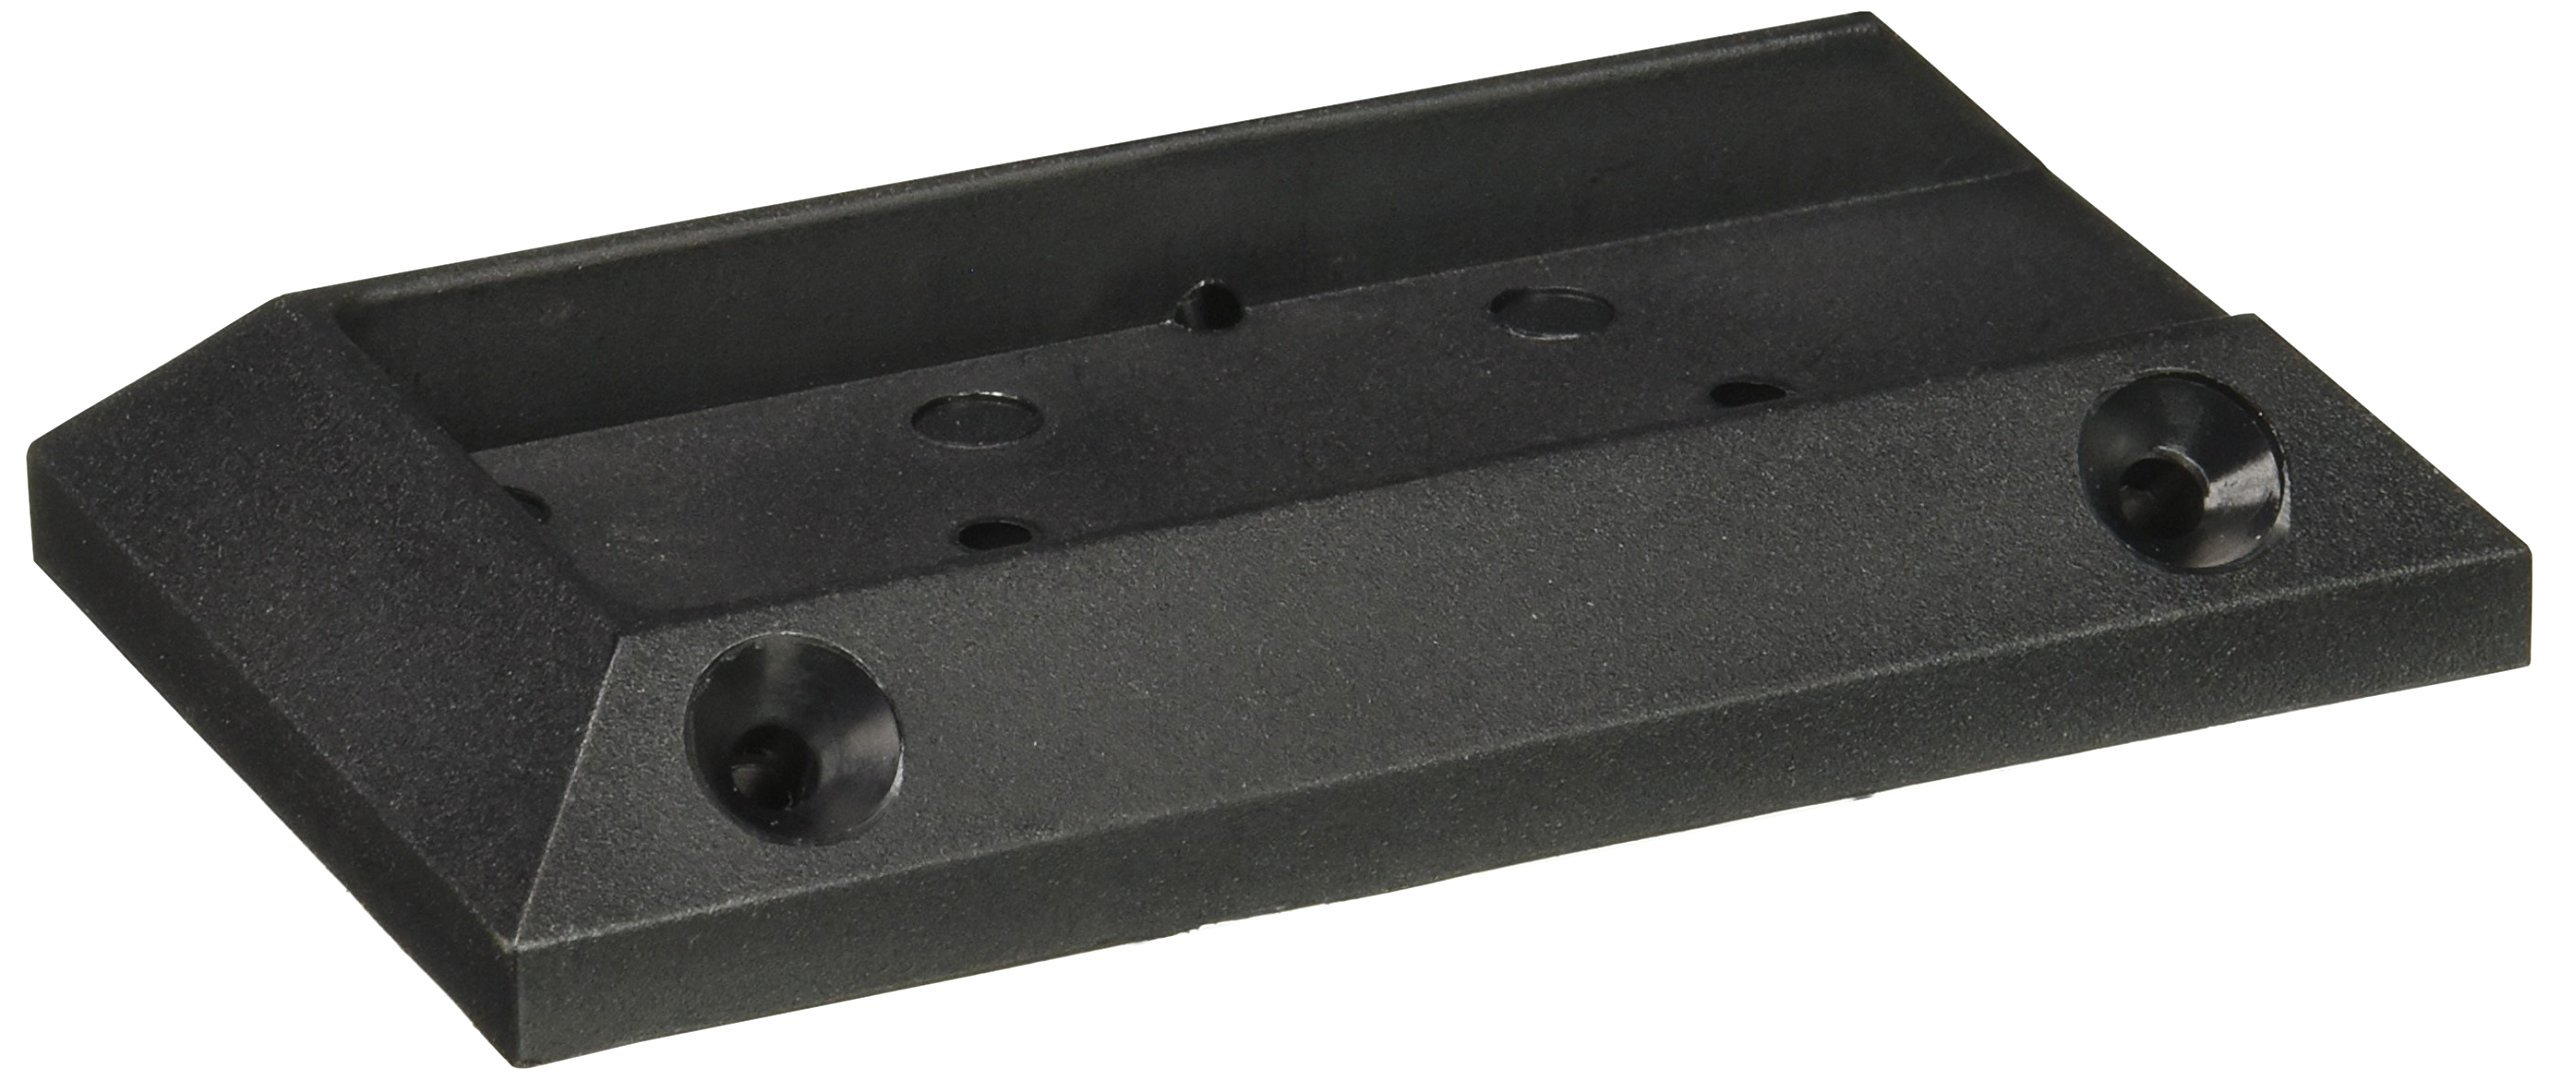 Deckorators Deck Railing Connectors Black 2 Pack